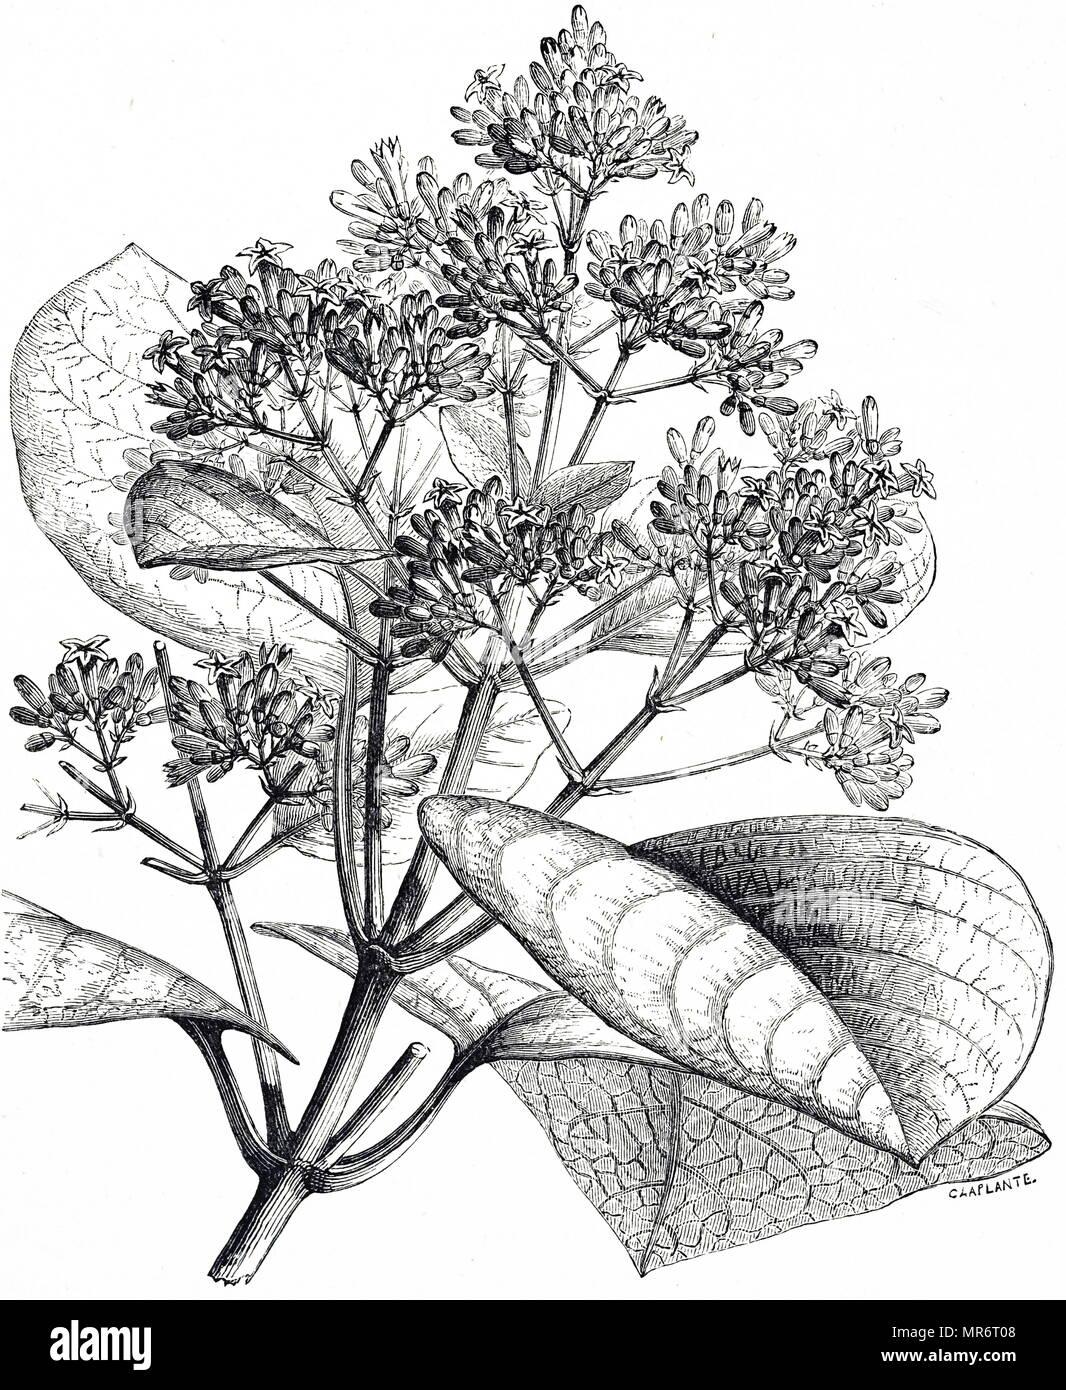 Incisione raffigurante alcuni accenni di china, un genere di piante in fiore nella famiglia Rubiaceae e la sorgente dell'alcaloide Quina che è utilizzato in acqua tonica. Datata del XIX secolo Immagini Stock